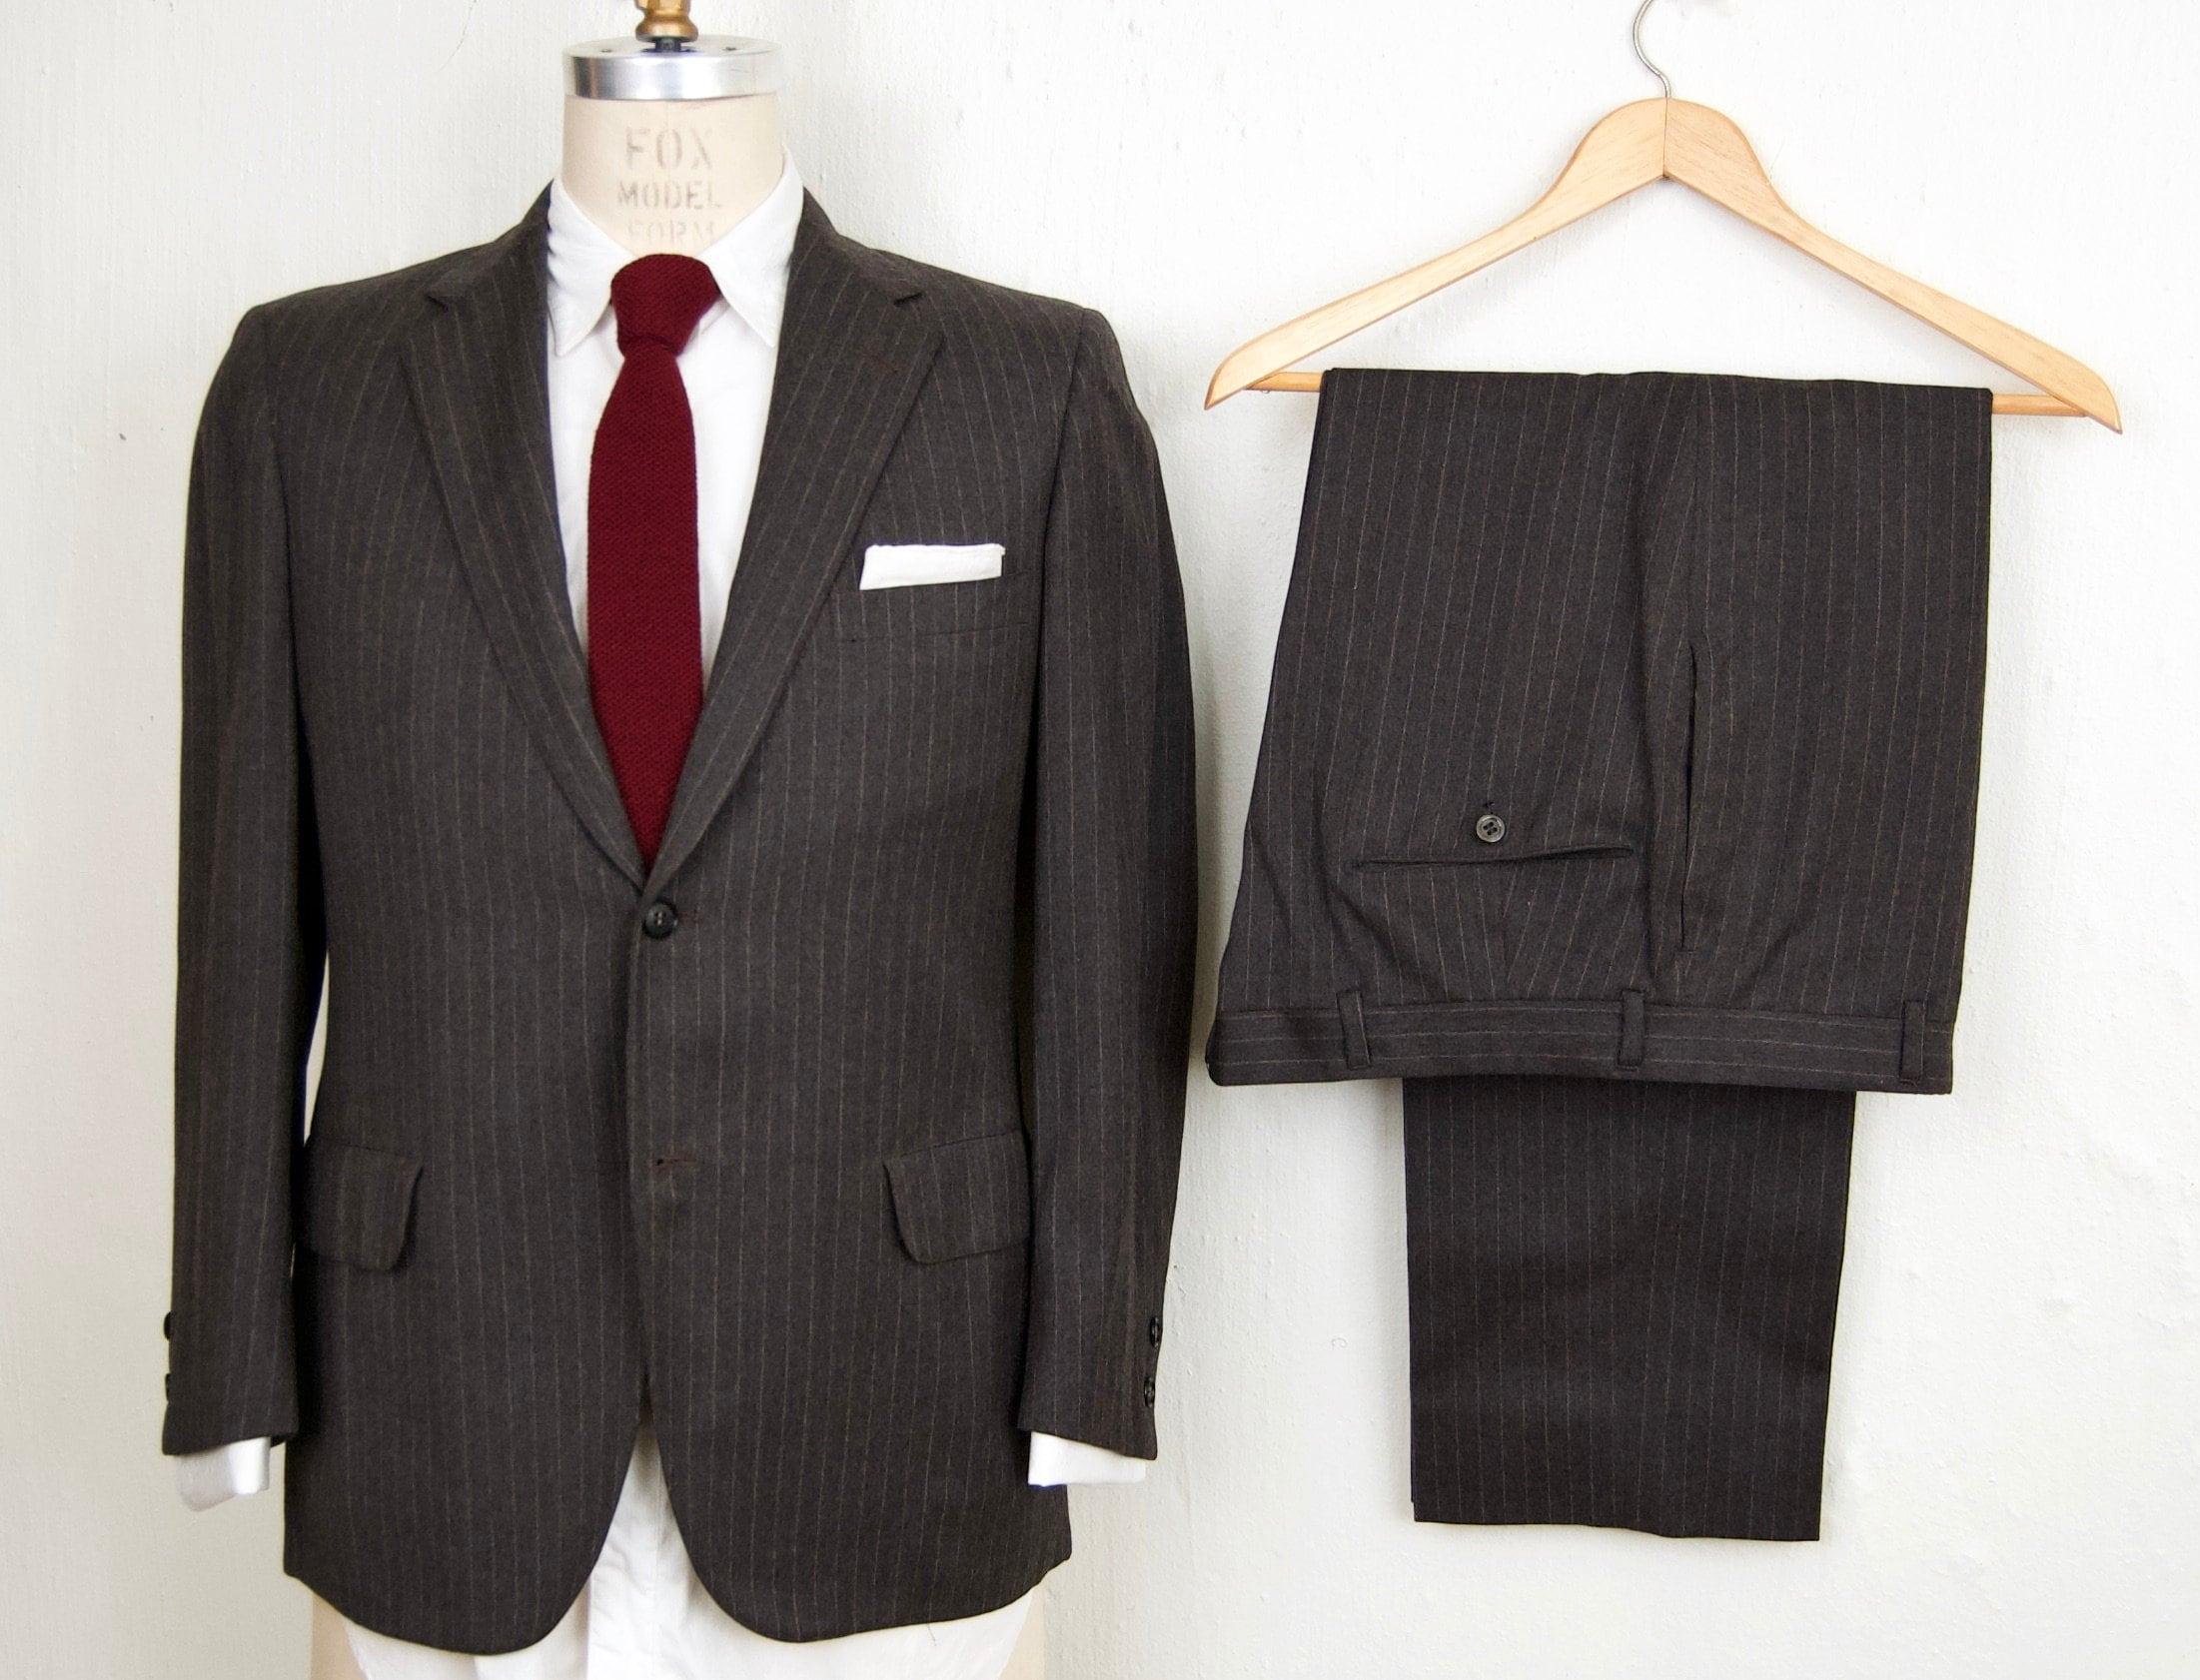 1960s – 70s Men's Ties | Skinny Ties, Slim Ties 1960S Gray Pin-stripe SuitVintage Andre Brook Grey Wool Flannel 2-Piece Suit Mens Small $149.00 AT vintagedancer.com